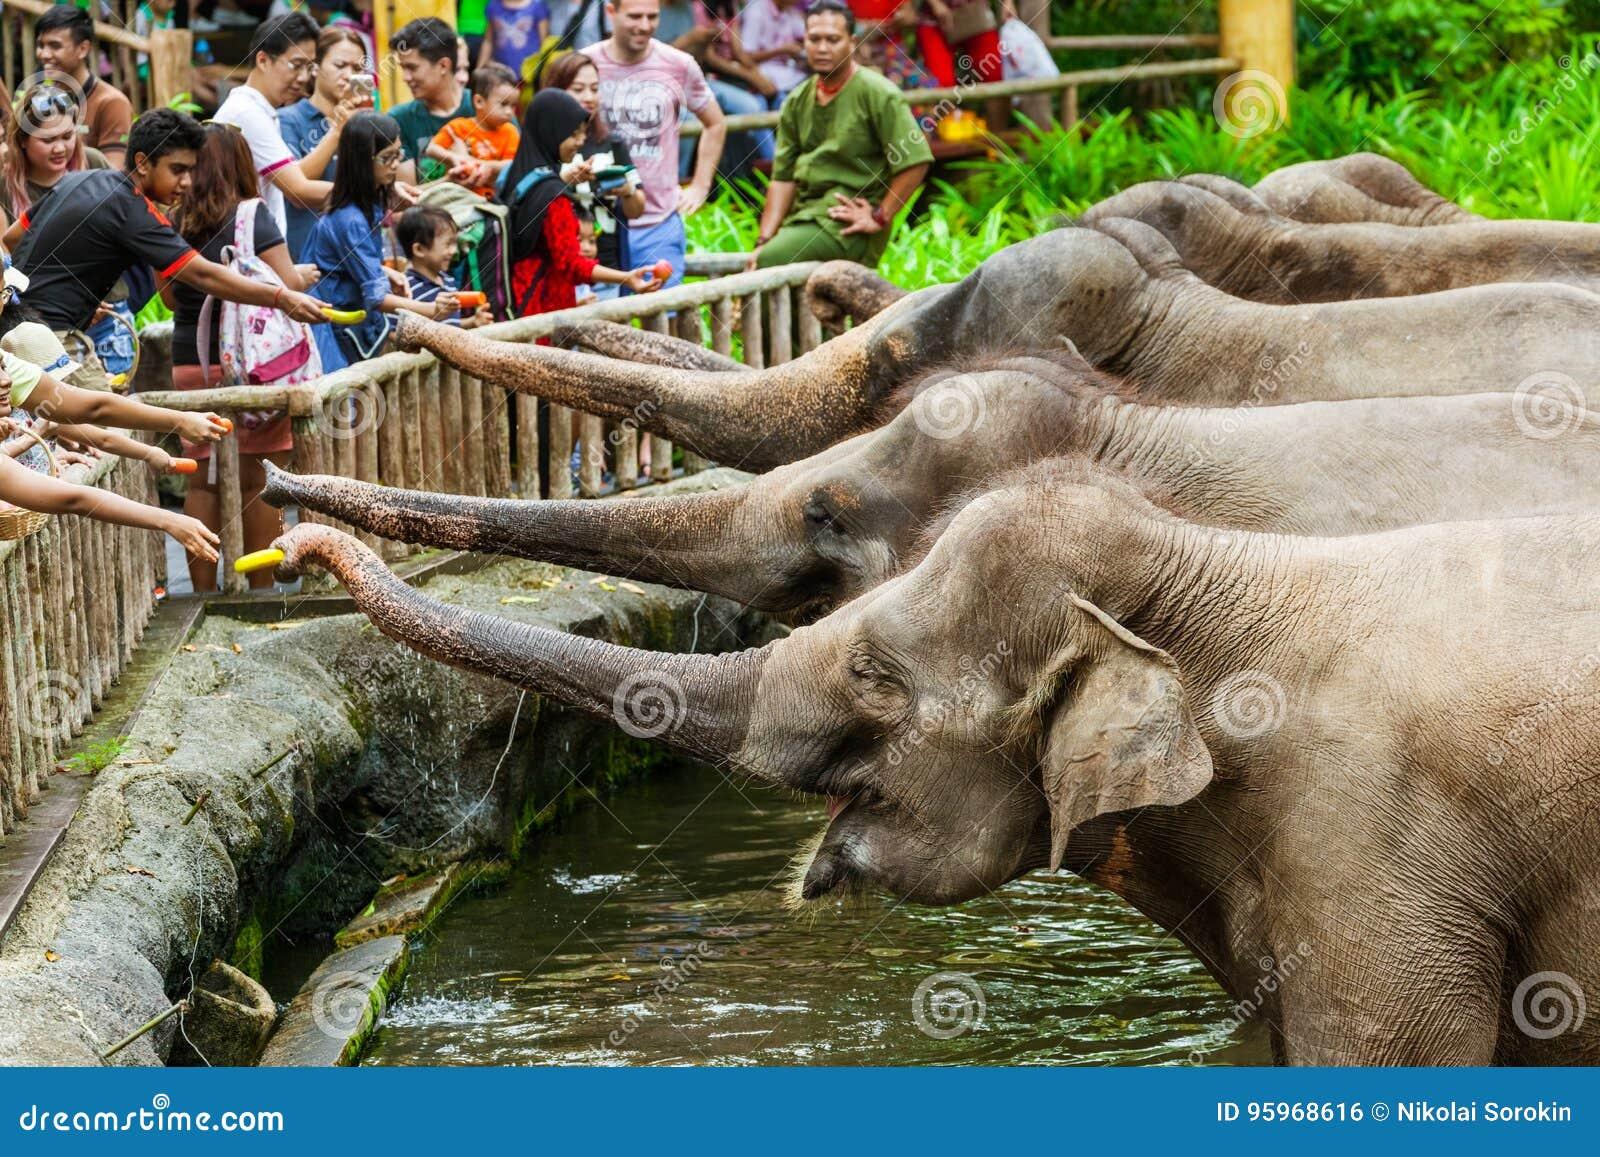 SINGAPOUR - 14 AVRIL : Exposition d éléphant dans le zoo de Singapour le 14 avril